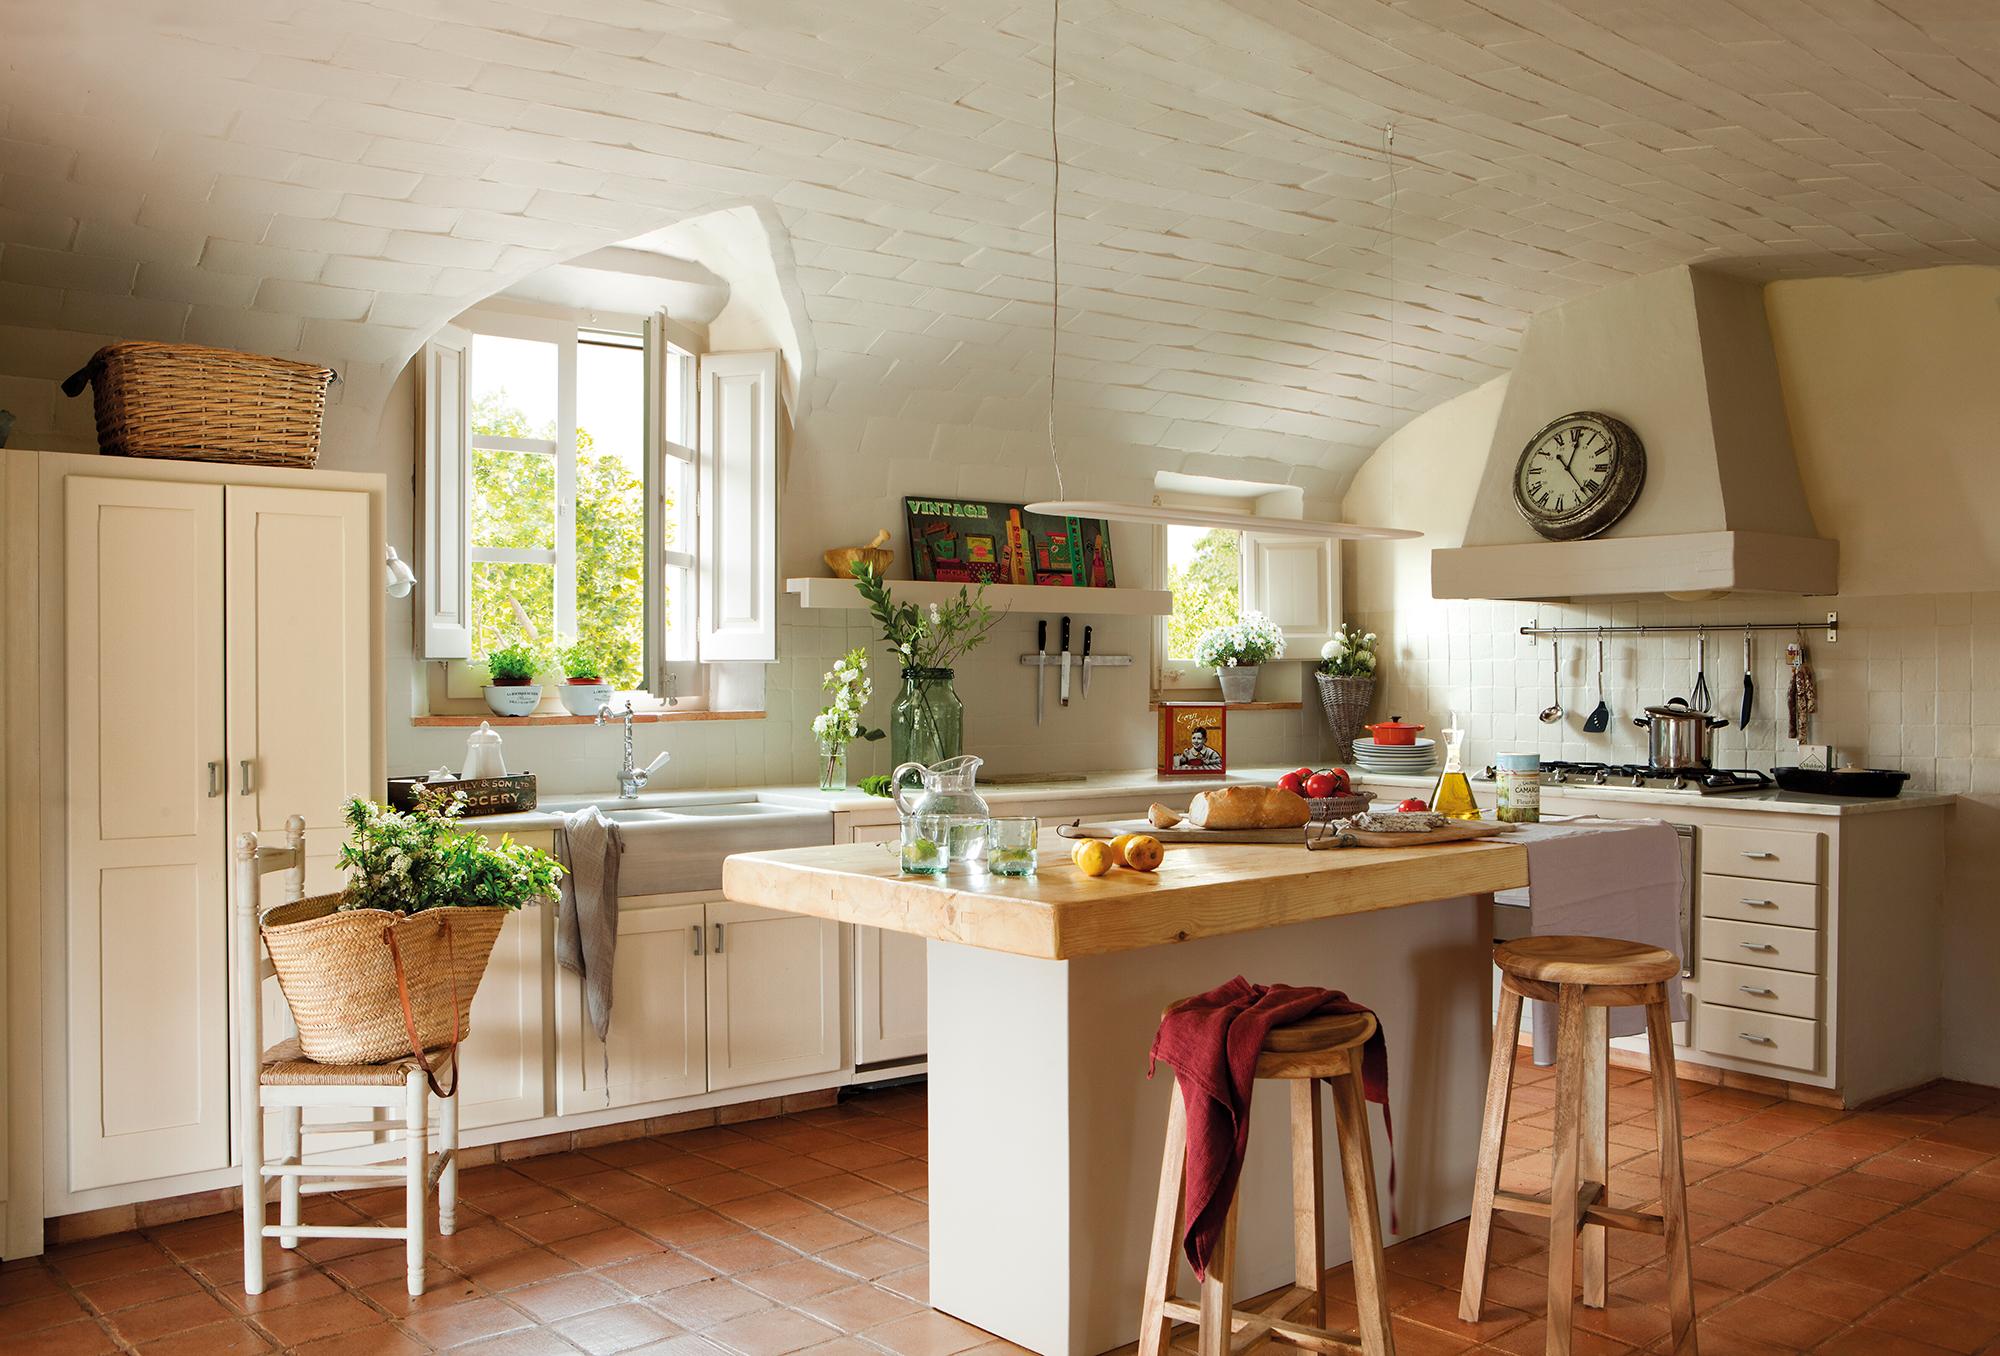 Cocinas las 50 mejores de el mueble - Muebles de cocina con isla central ...